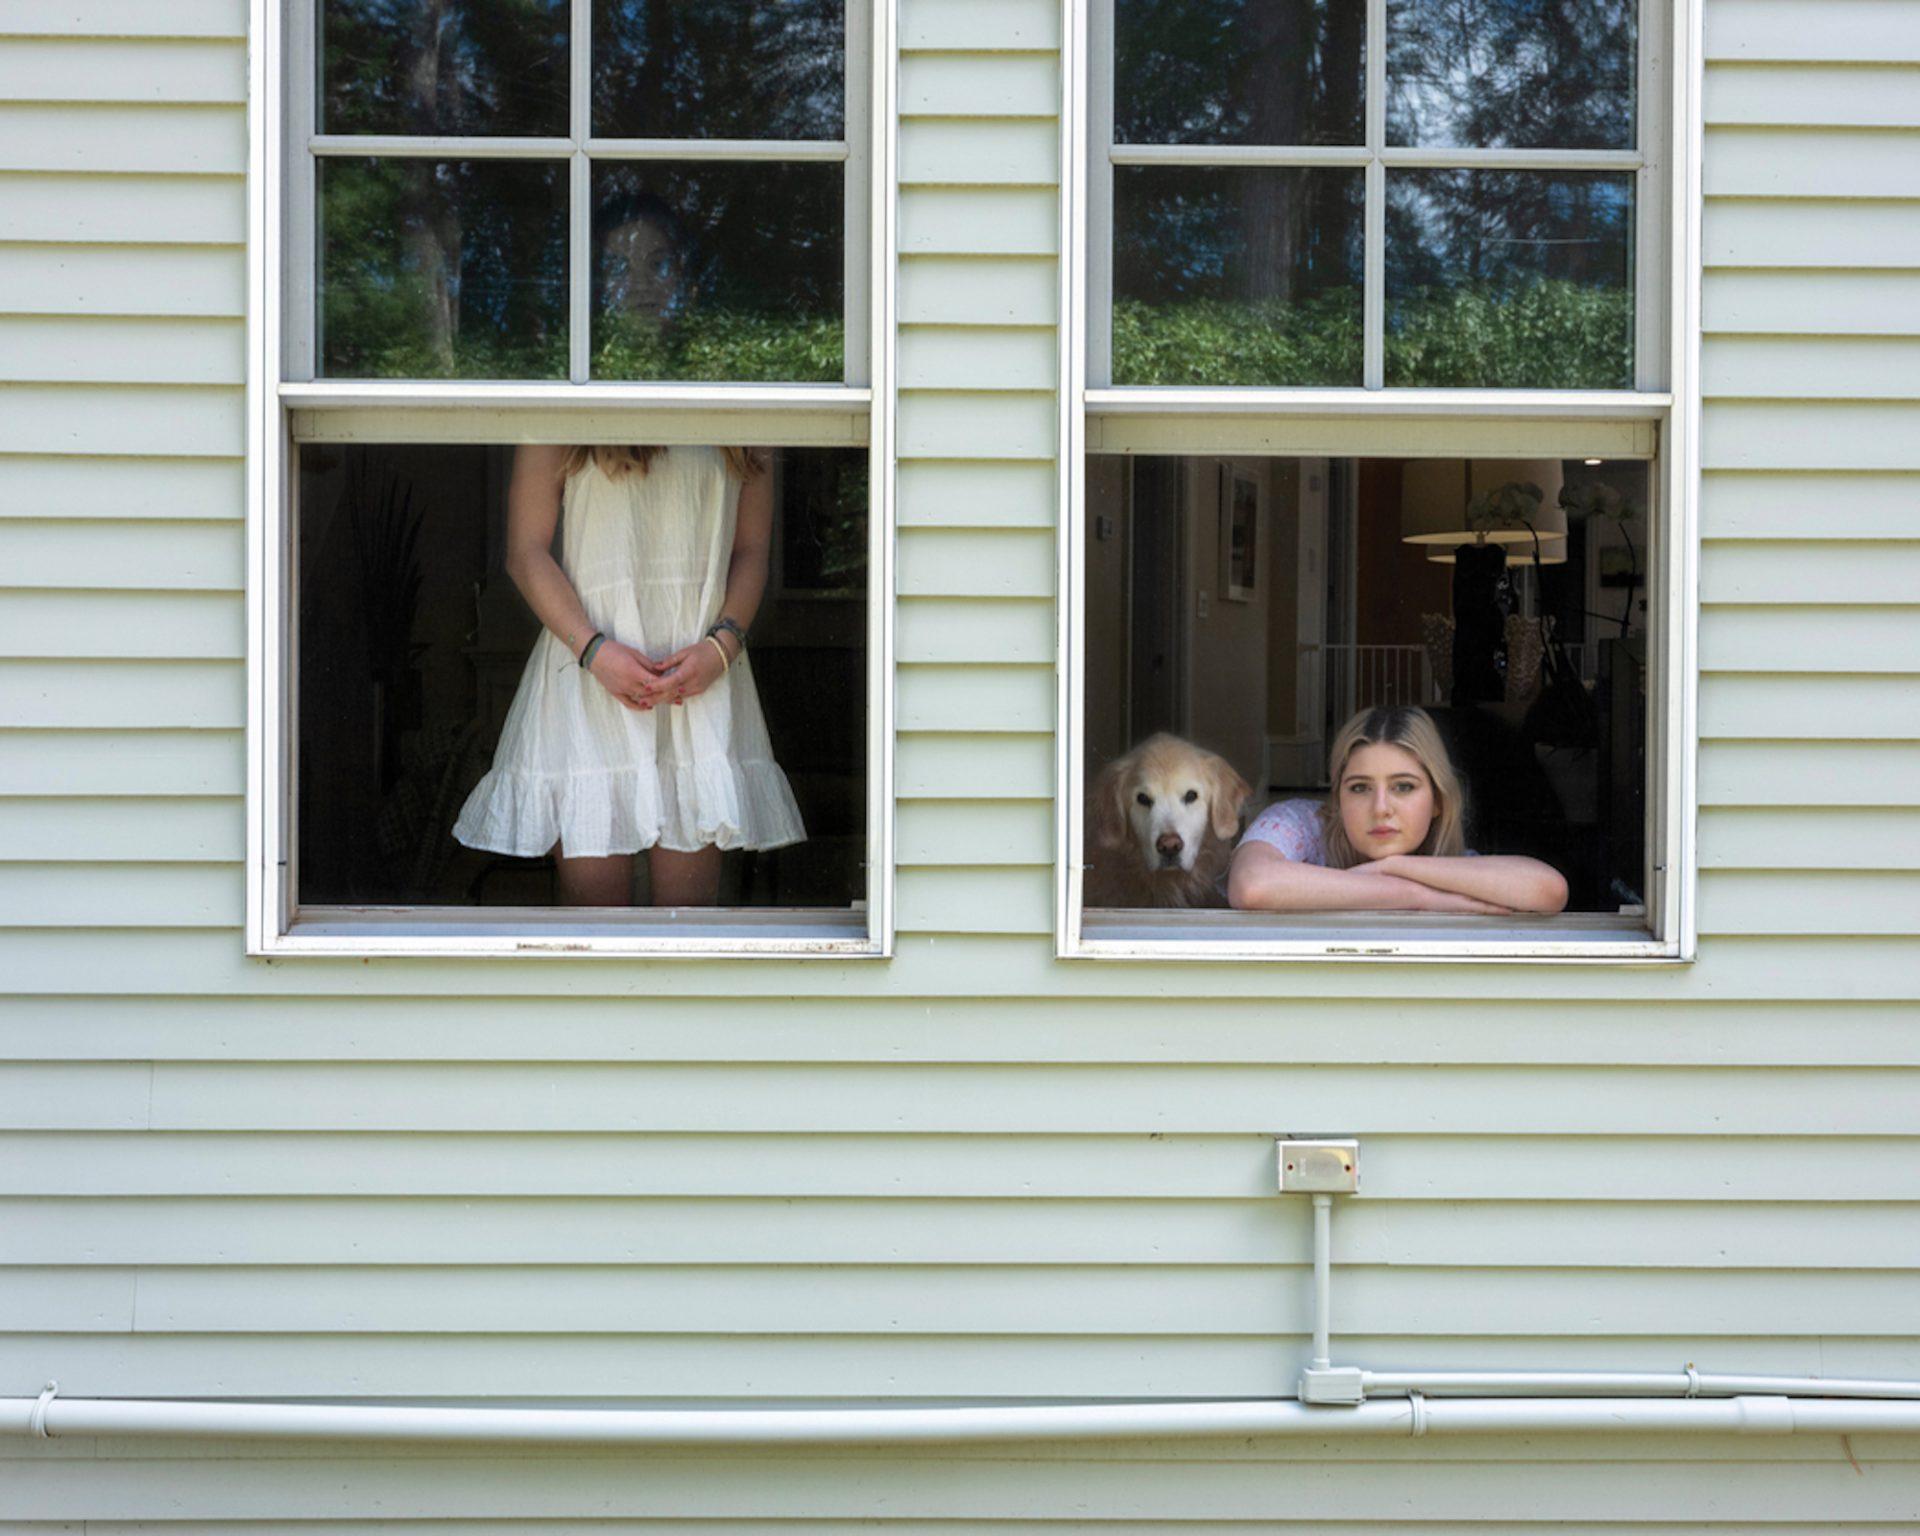 Across Windows : cette photographe adapte ses portraits à la pandémie